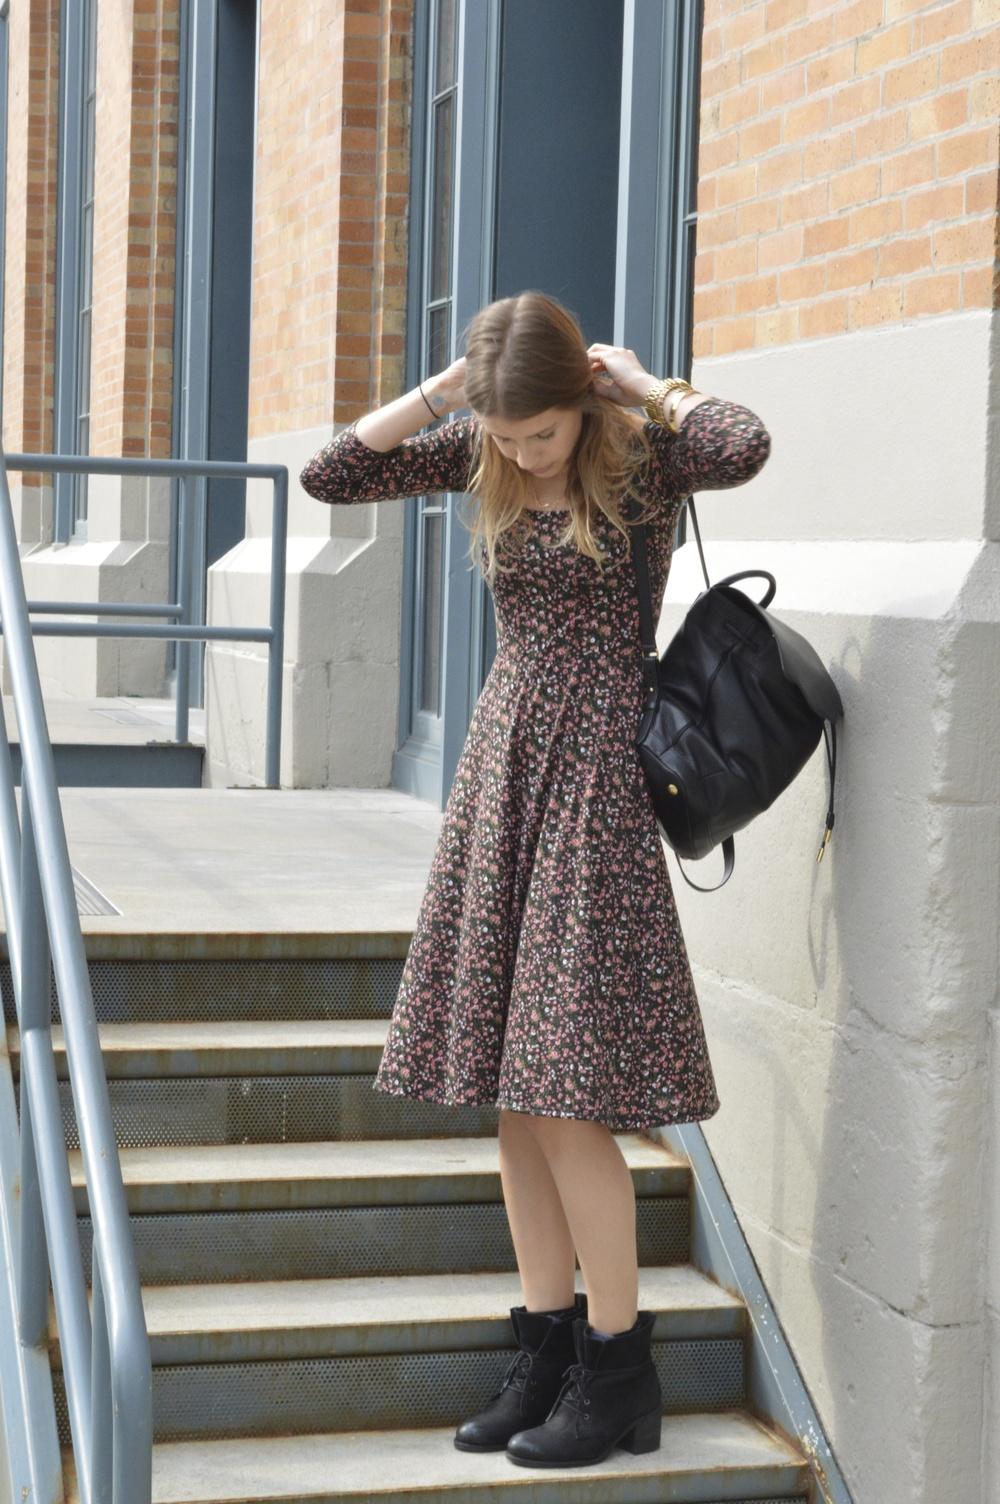 Dress: Reformation| Backpack: rag & bone